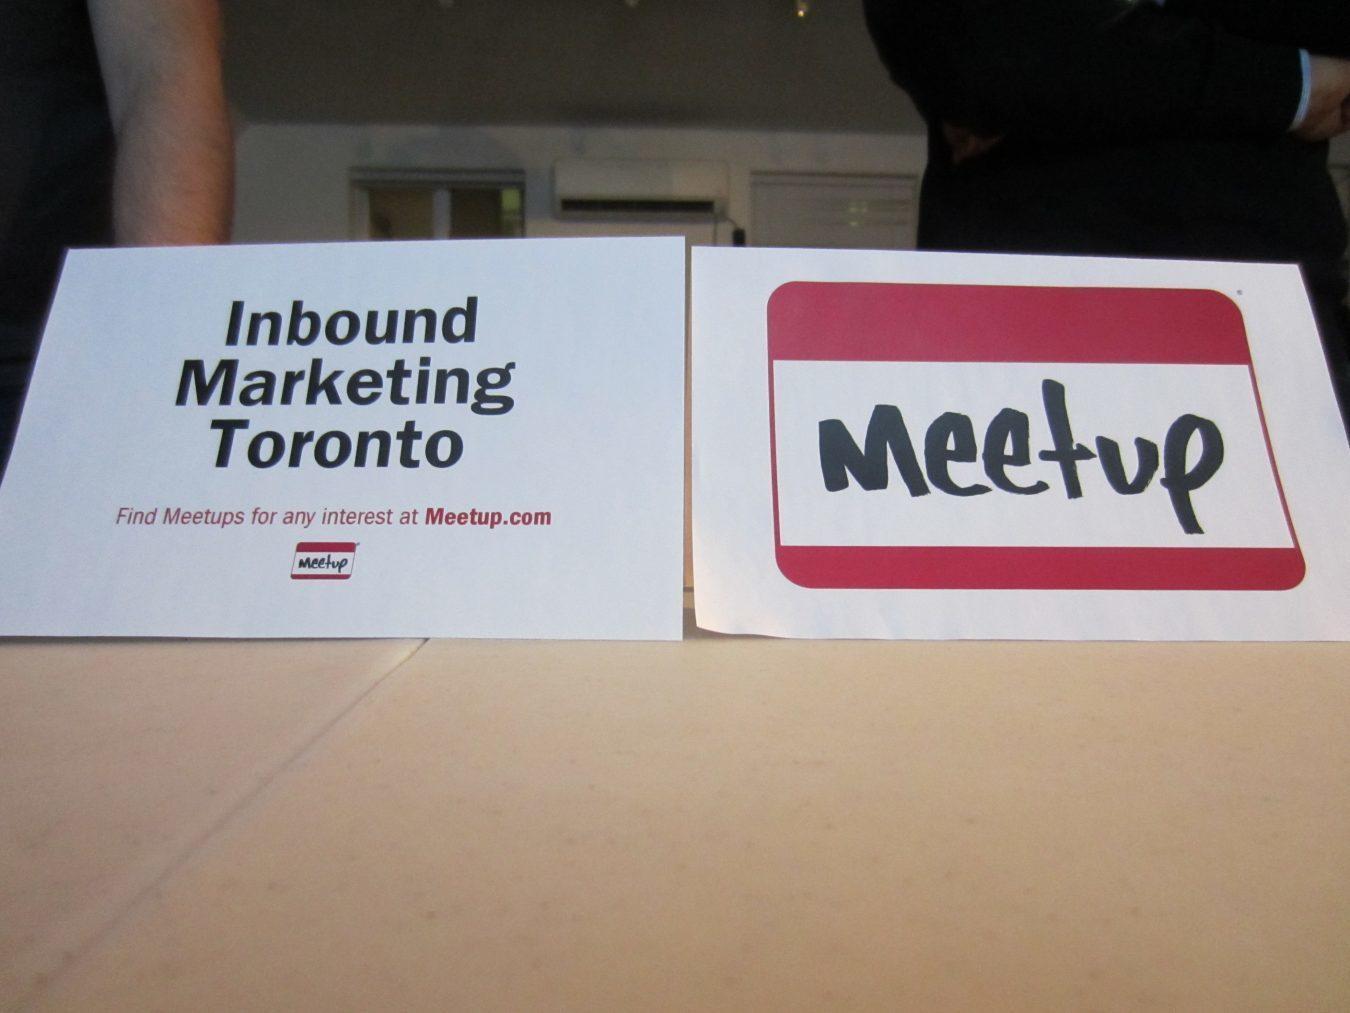 Inbound Marketing Toronto meetup photo 1